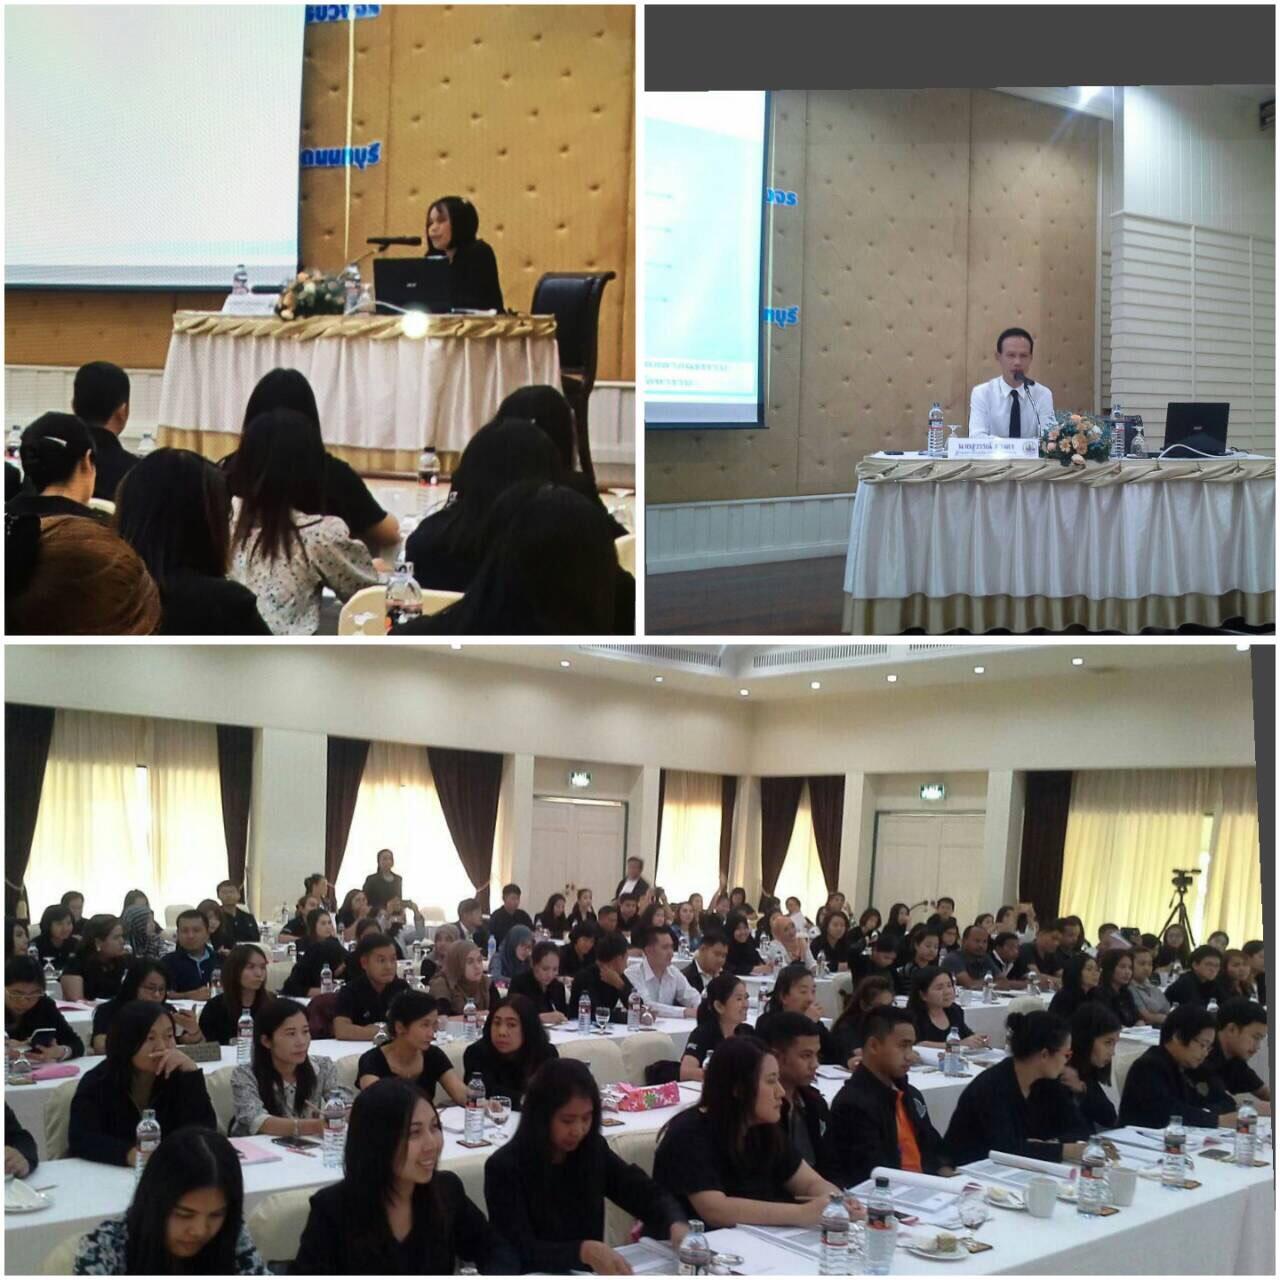 วันที่ 22-24 มีนาคม 2560 กองส่งเสริมการมีงานทำจัดฝึกอบรมเชิงปฏิบัติการกิจกรรมศูนย์ตรีเทพฯ